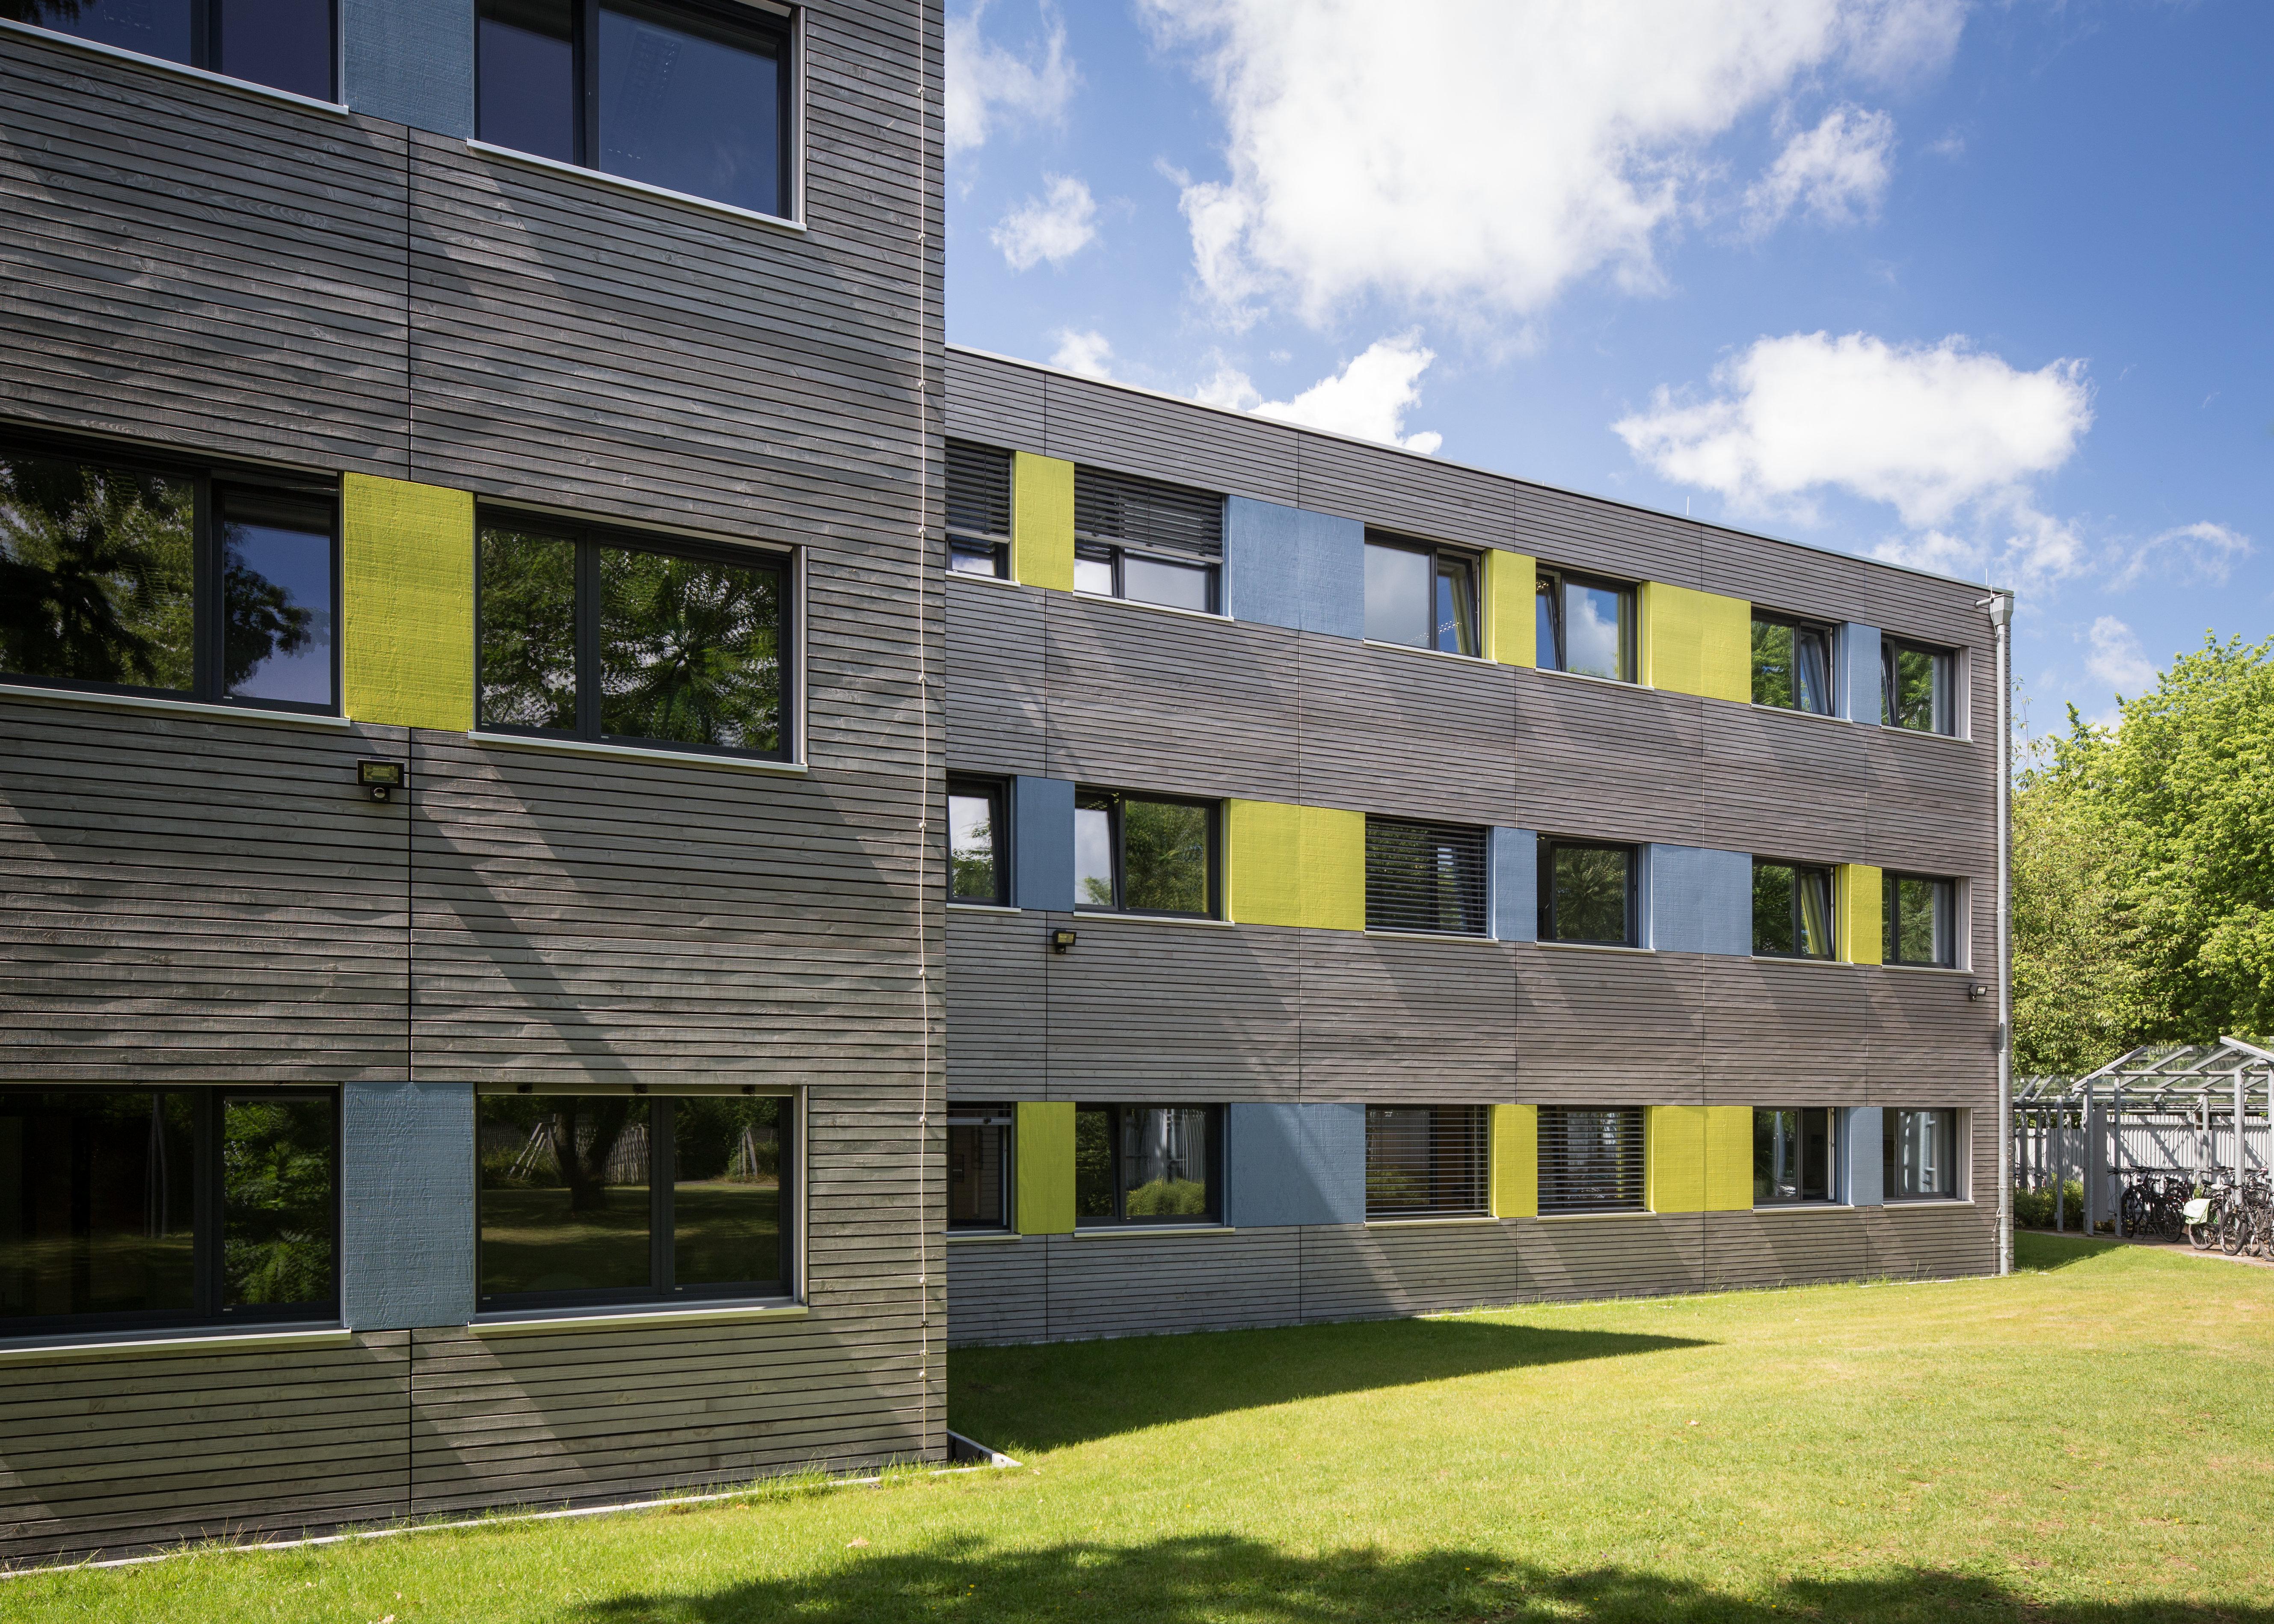 ERNE Holzbau DRV Münster temporäres Verwaltungsgebäude Modulbauweise Schallschutz